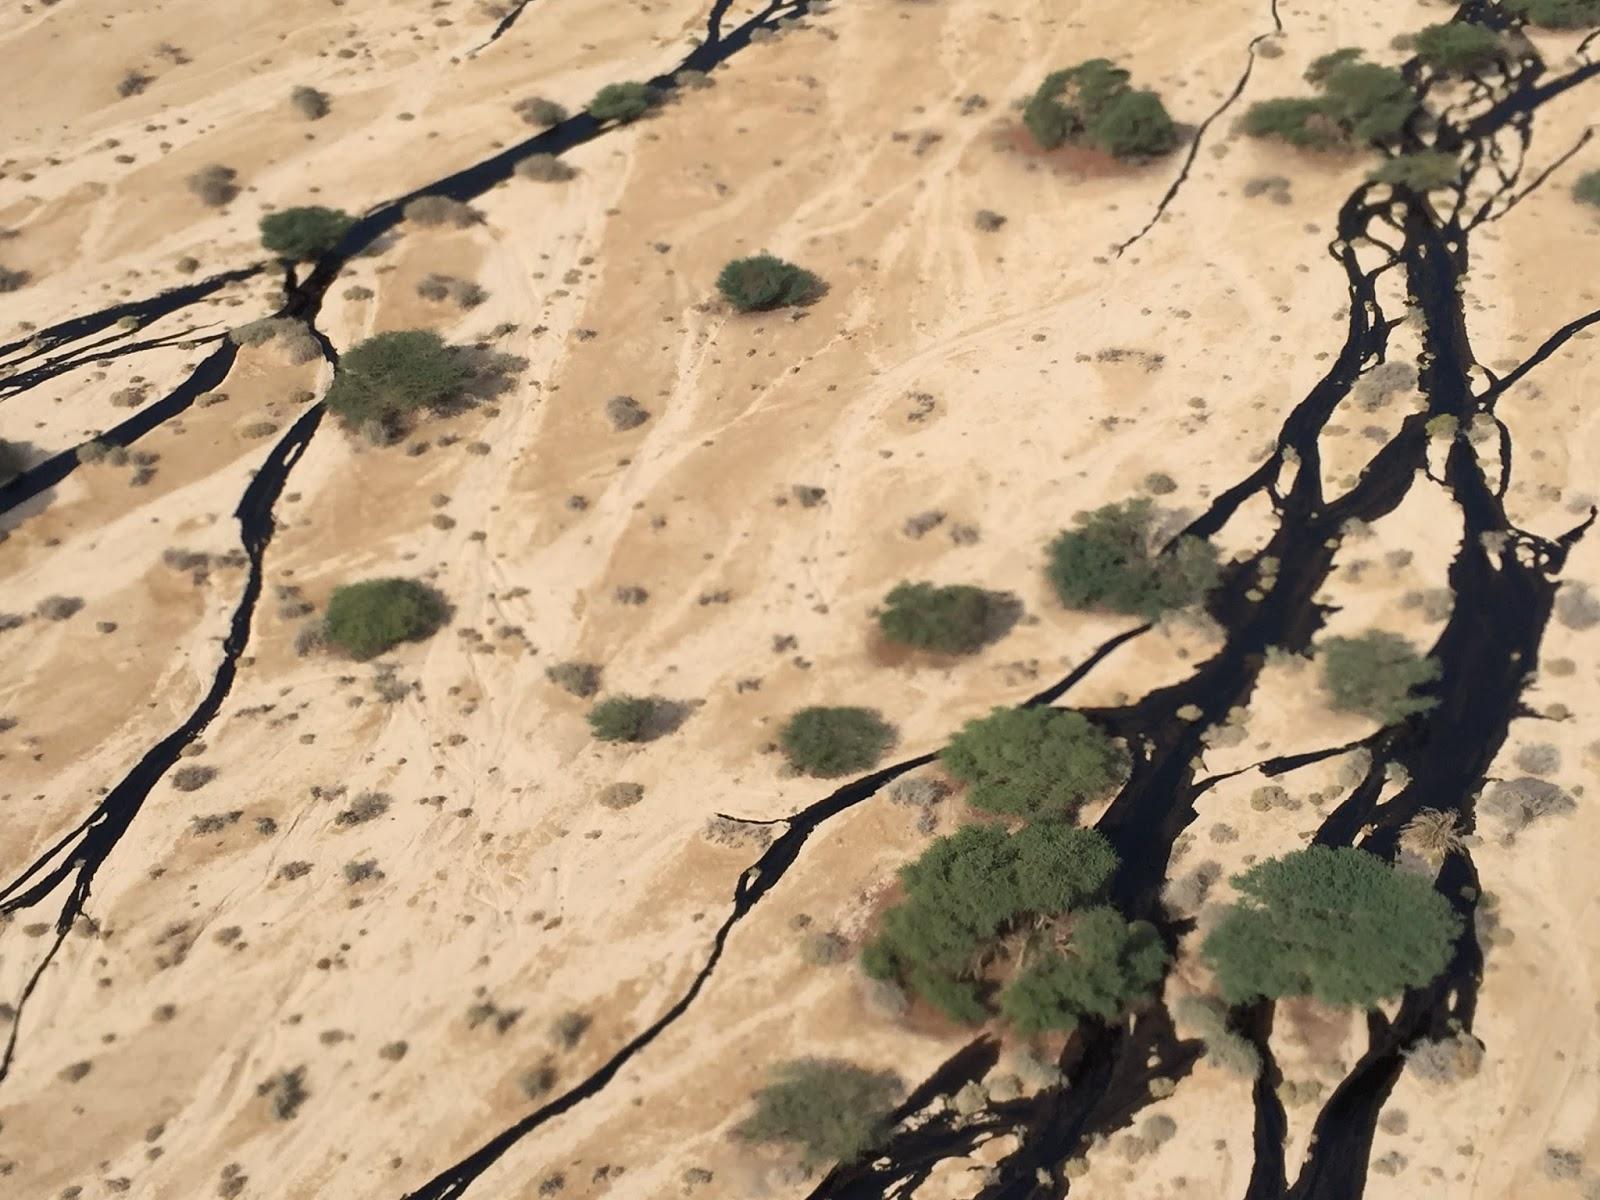 Israël-Iran: les interminables discussions autour d'une dette pétrolière